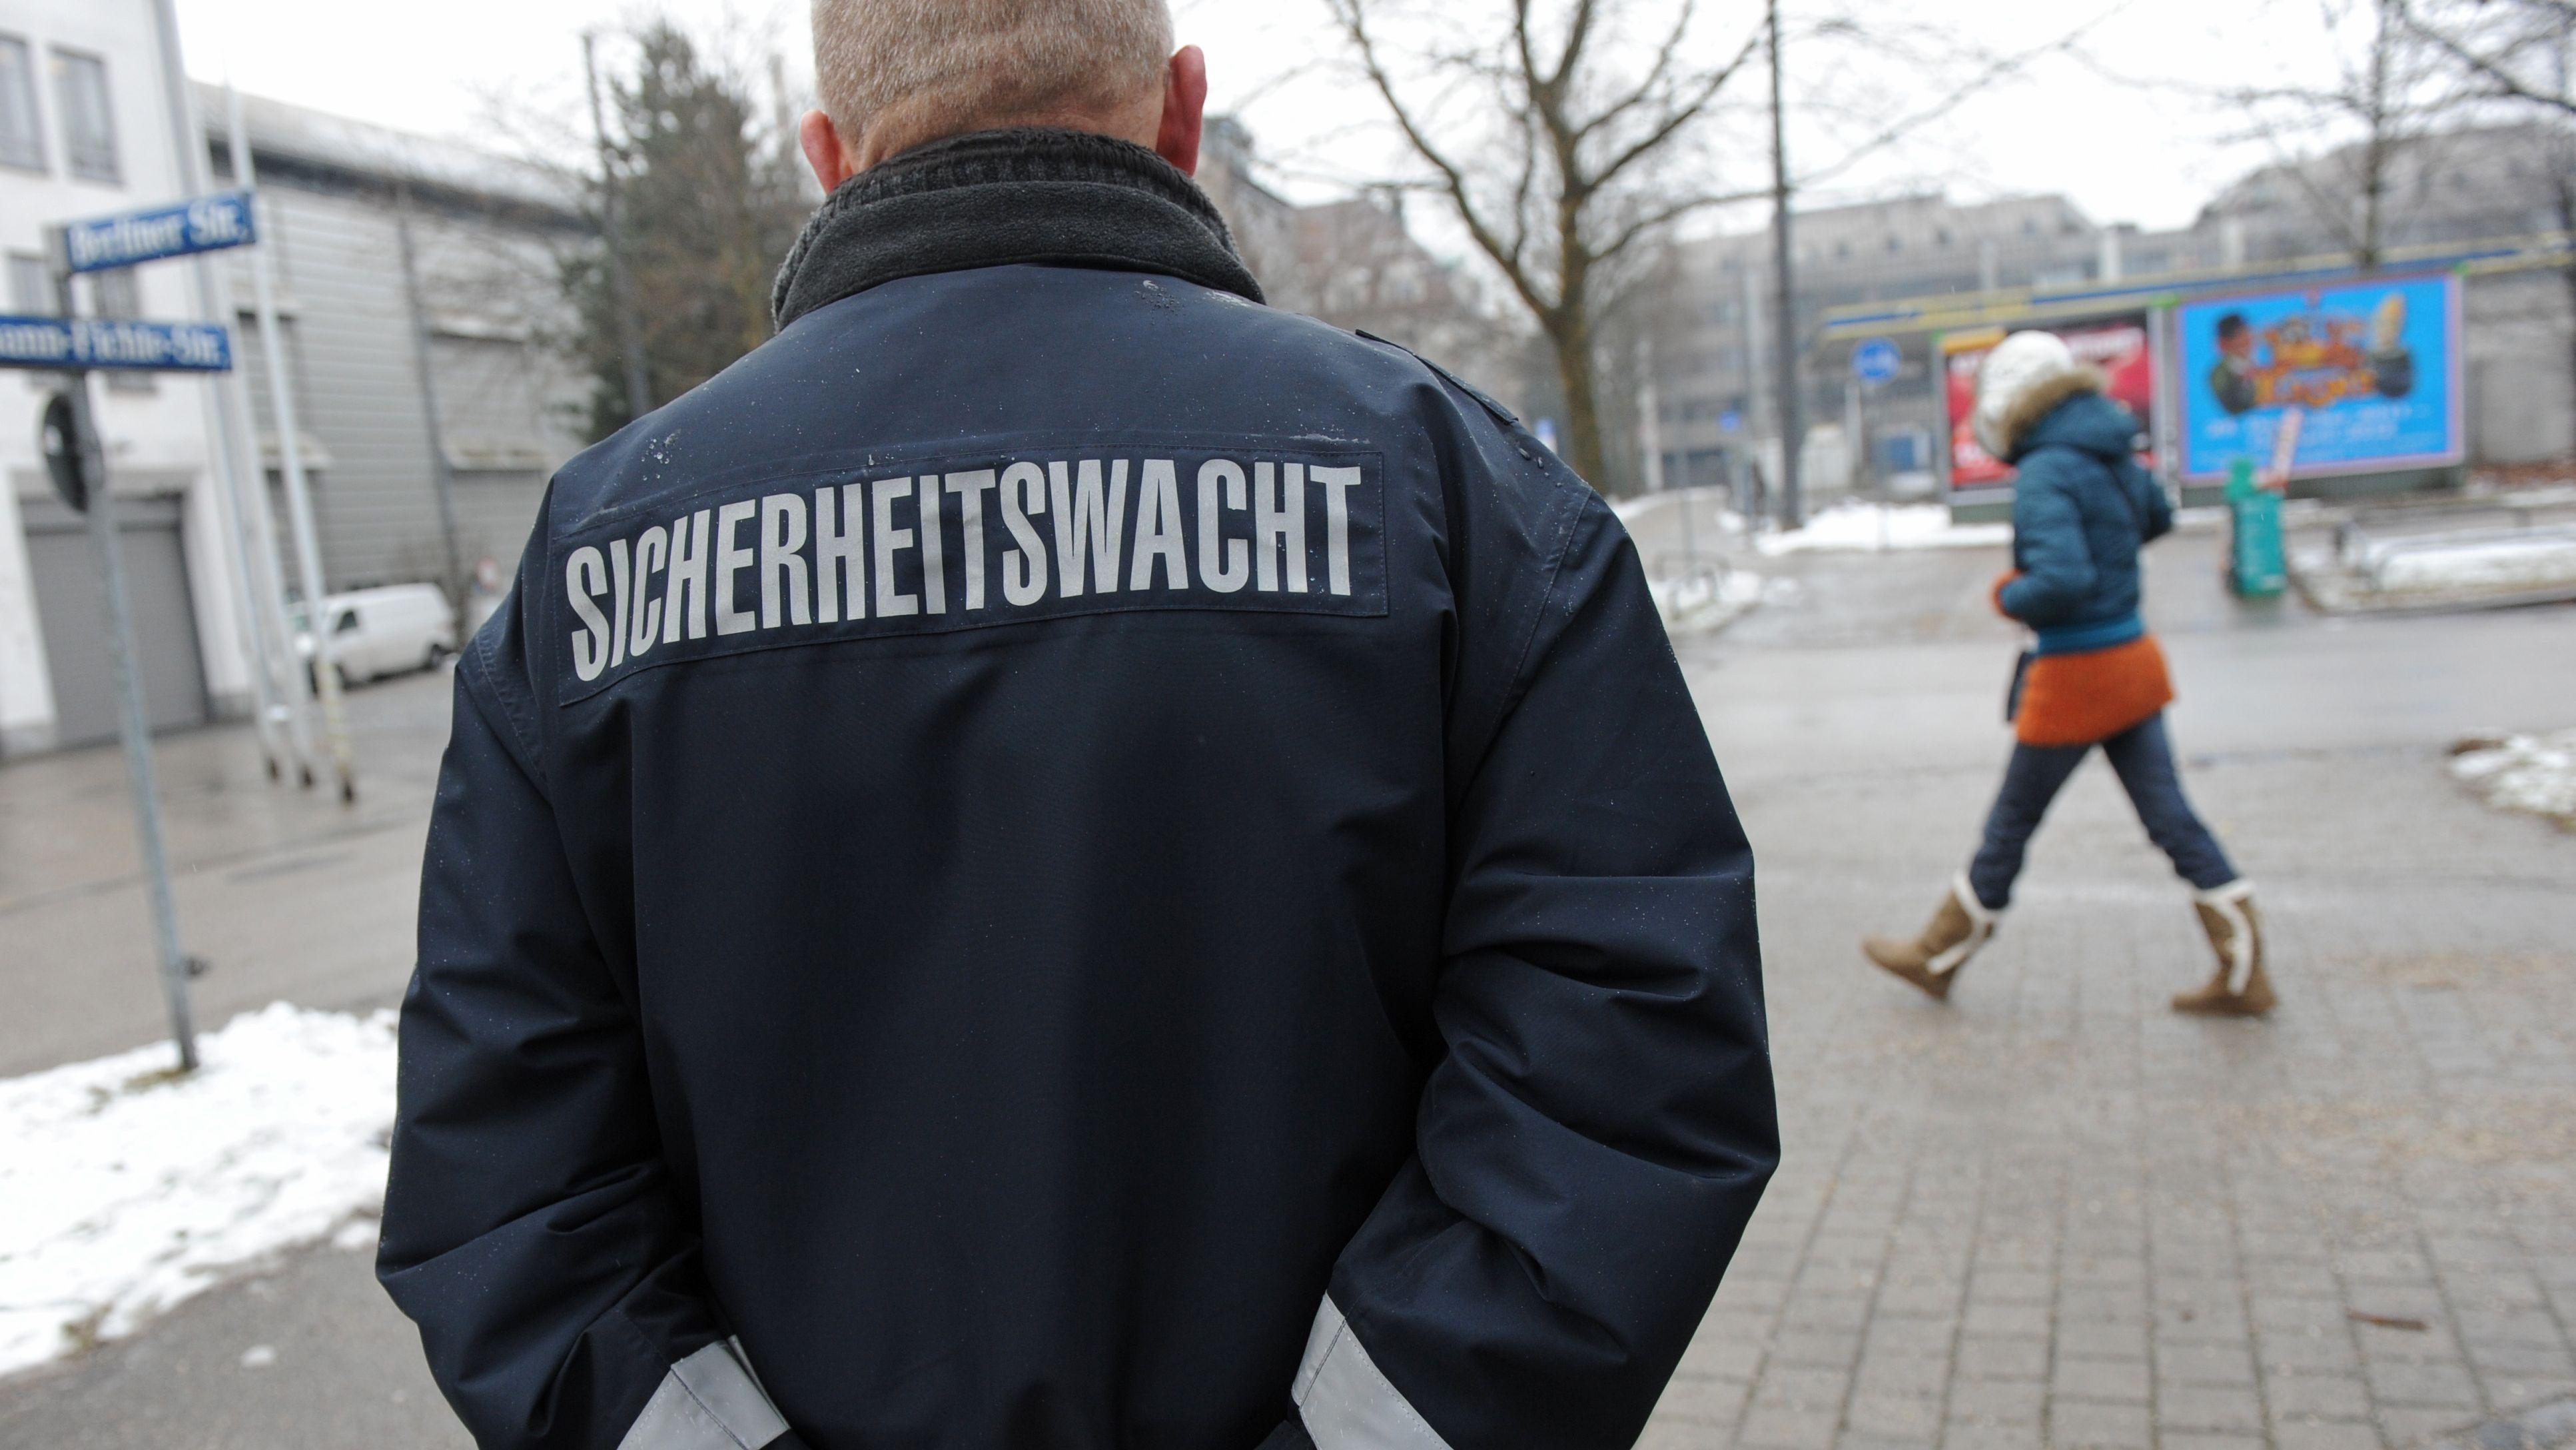 Lohrer Stadtrat lehnt Sicherheitswacht ab